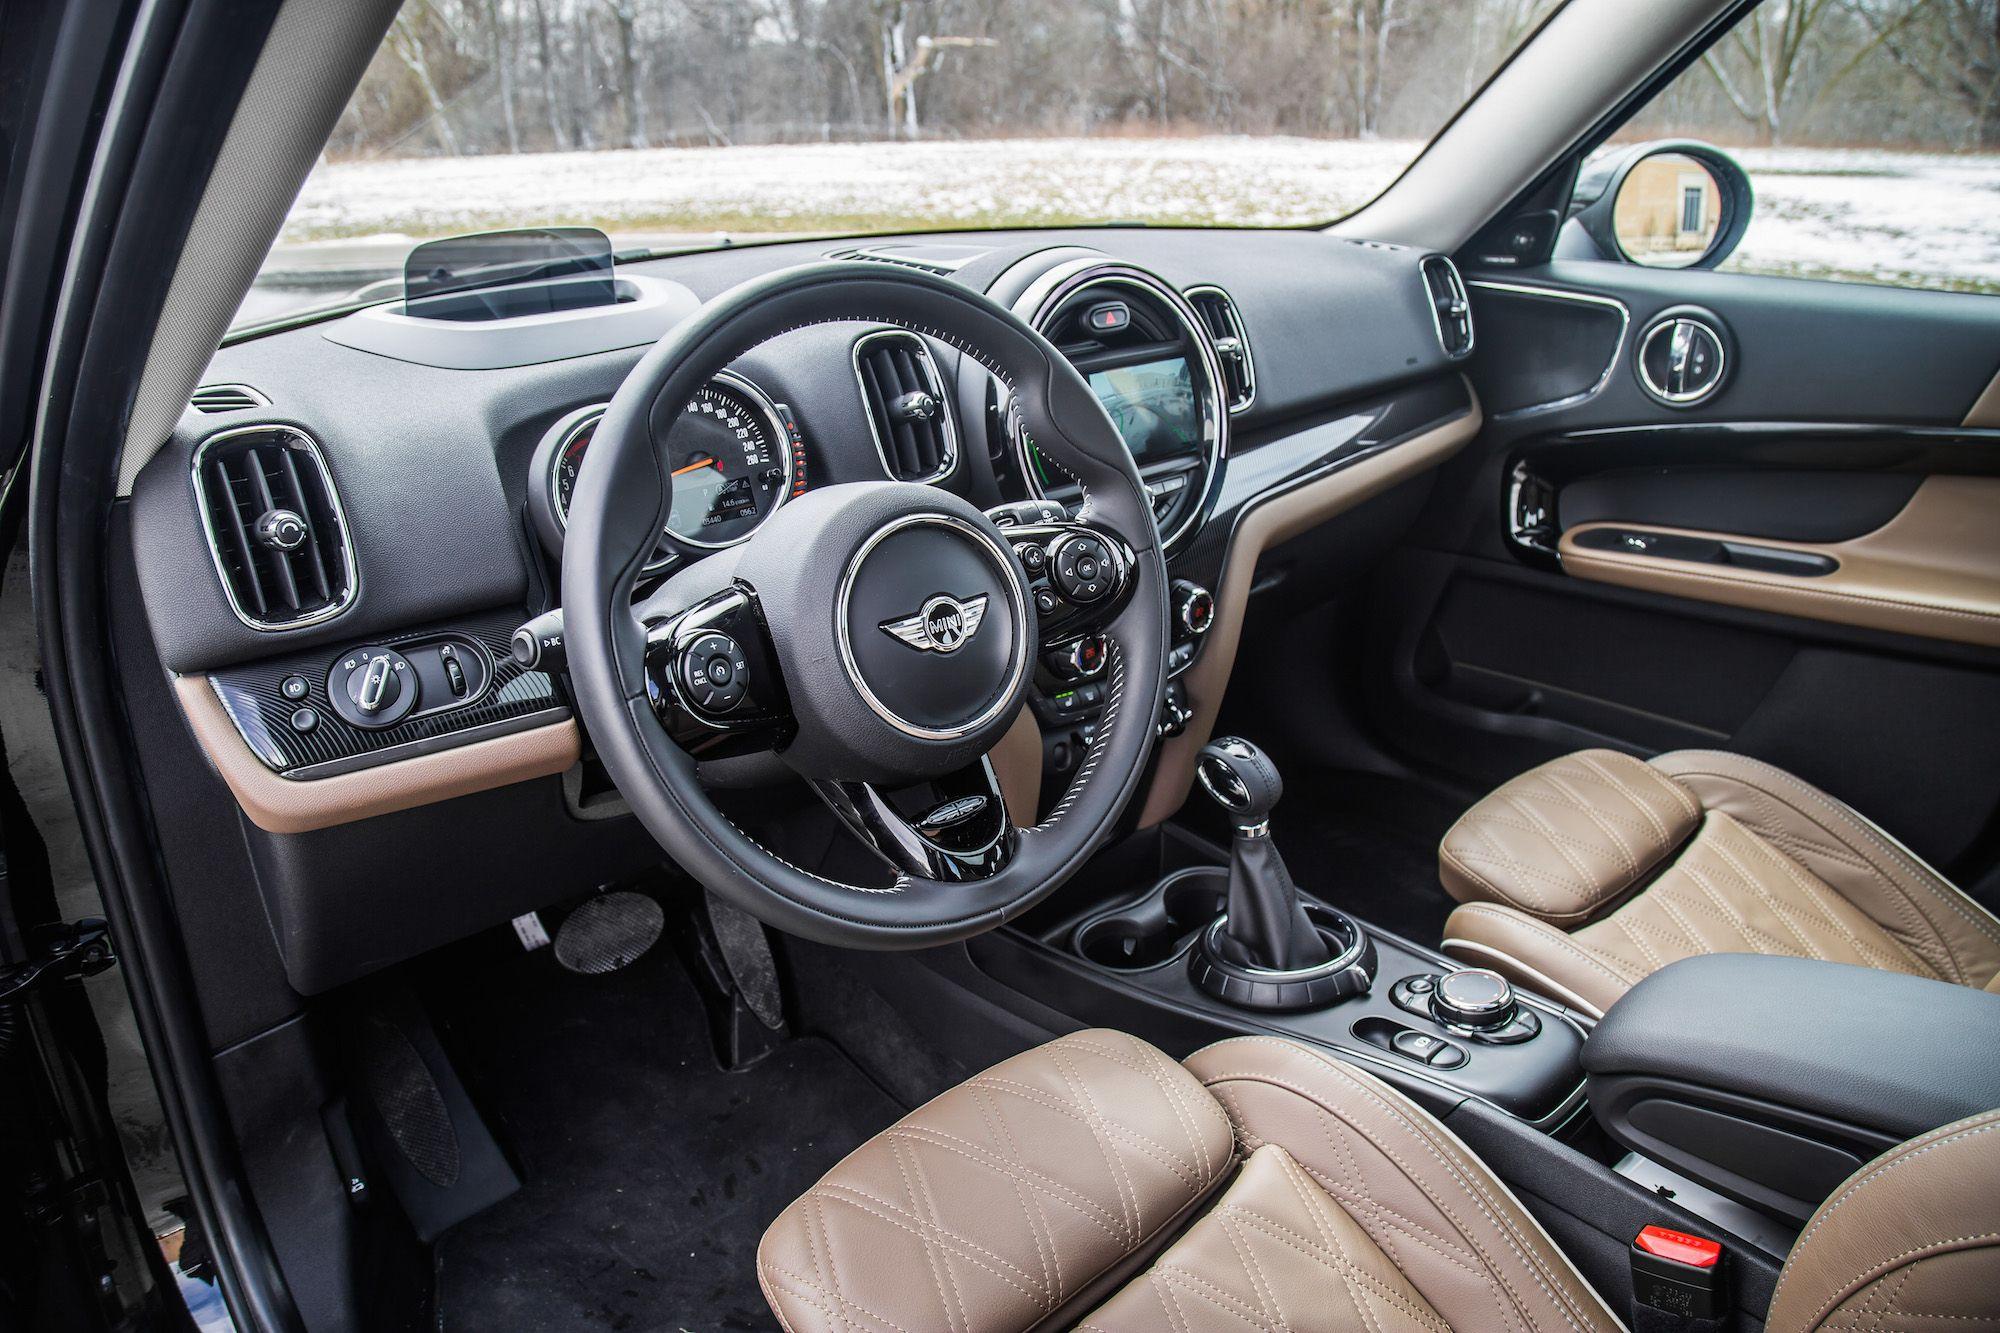 2017 Mini Cooper S Countryman Interior Mini Cooper Mini Cooper S Mini Countryman Accessories